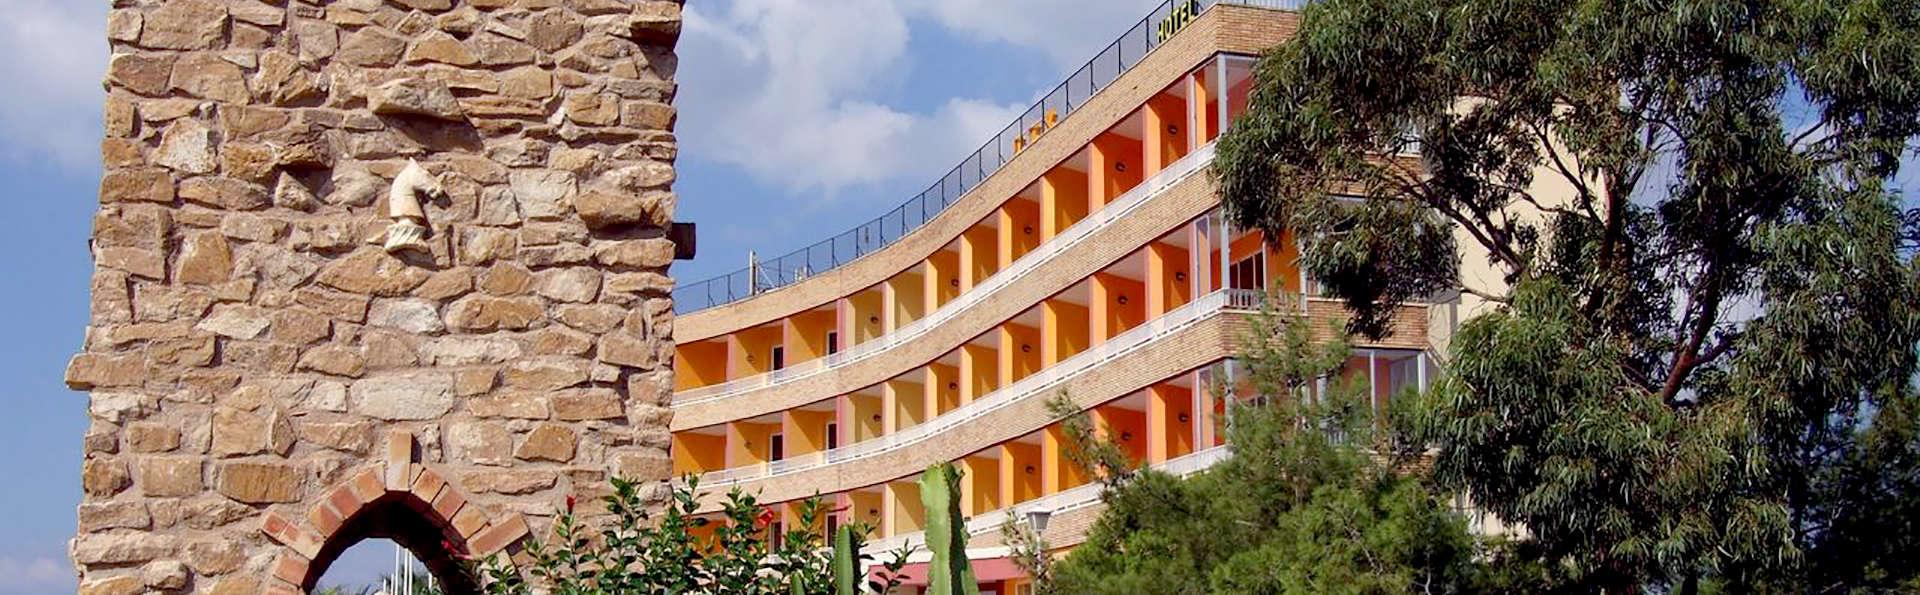 Escapada en Mazarrón en habitación con terraza y vistas al mar